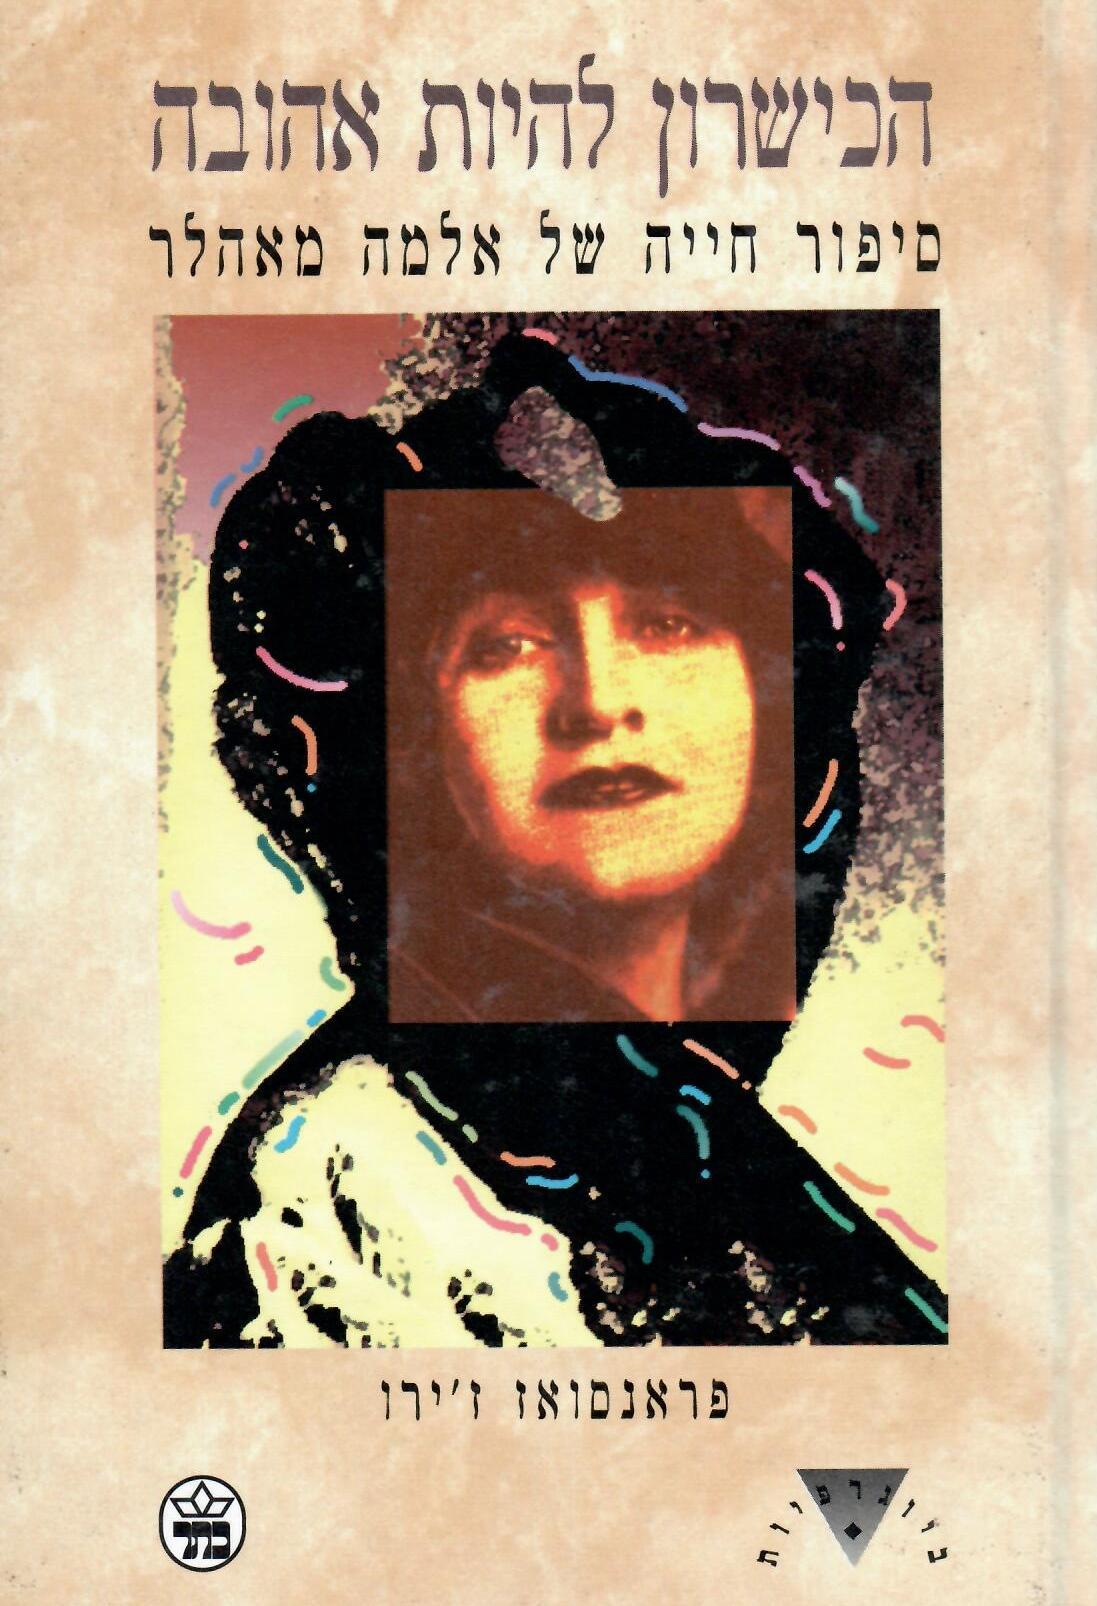 הכישרון להיות אהובה - סיפור חייה של אלמה מאהלר / פרנסואז ז'ירו